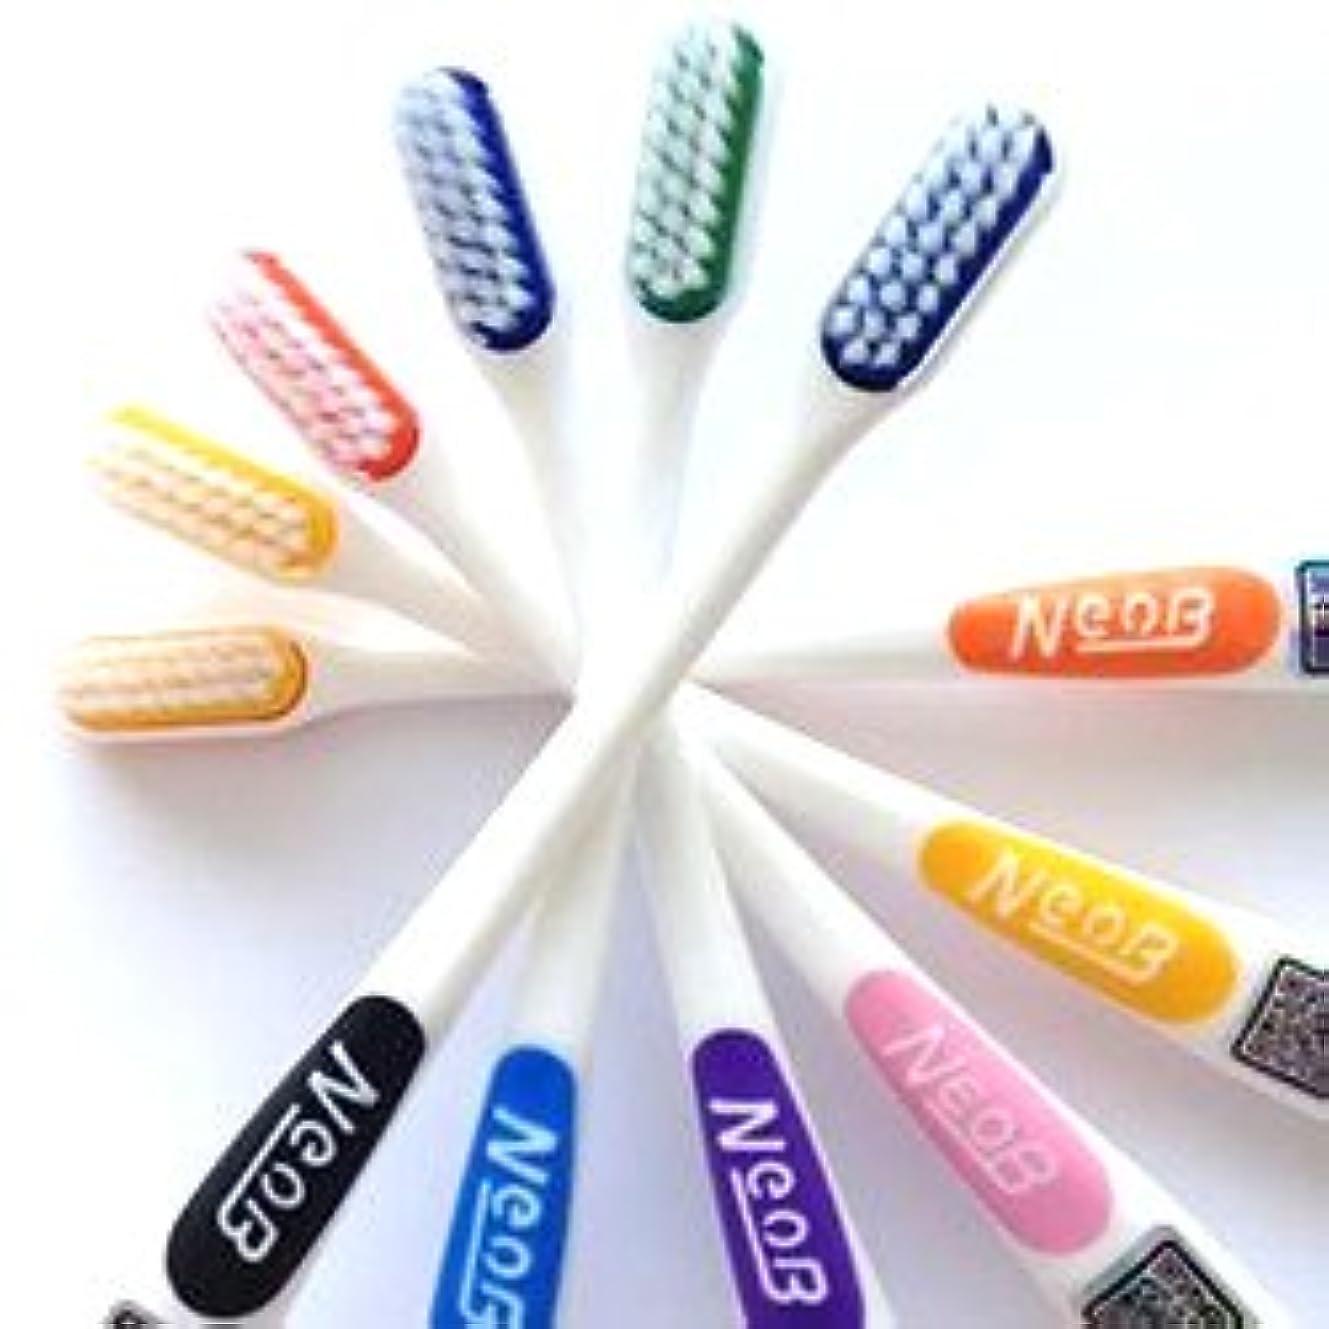 感謝するクールソブリケットNeoB ネオビー 3列歯ブラシ